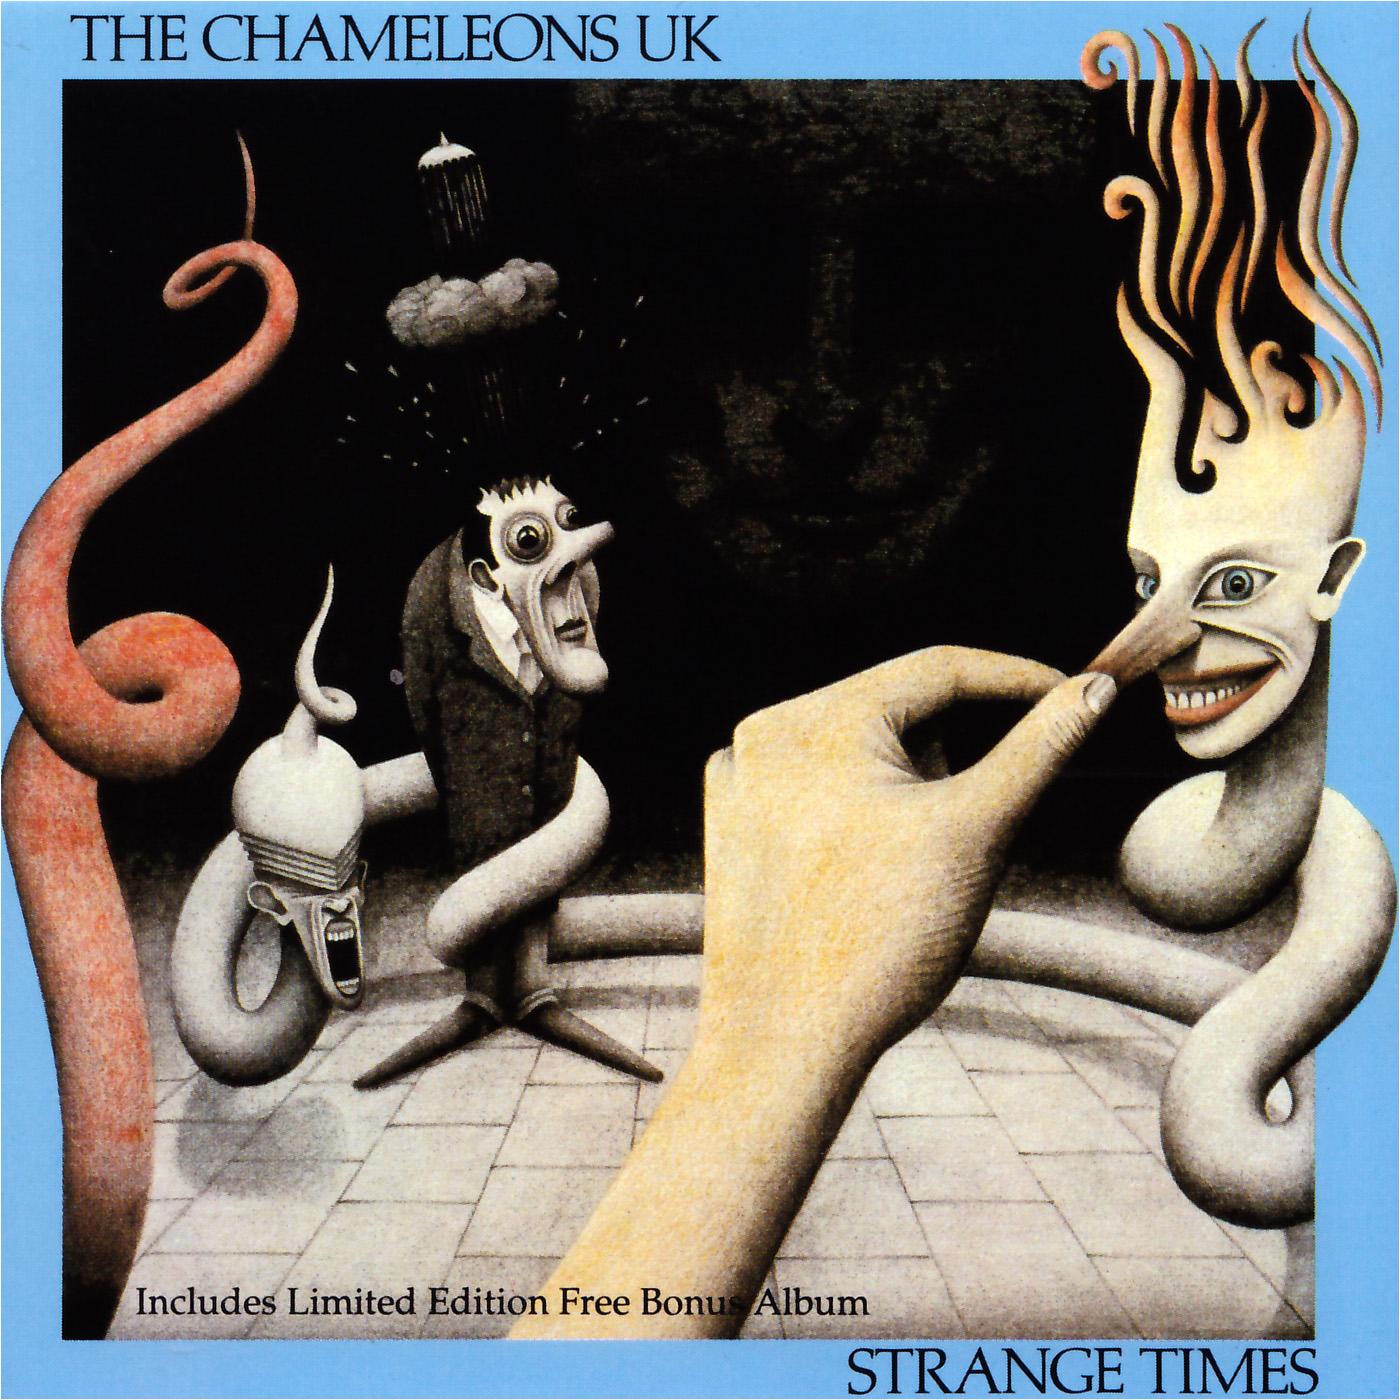 Drummer John Lever Of The Chameleons Has Died